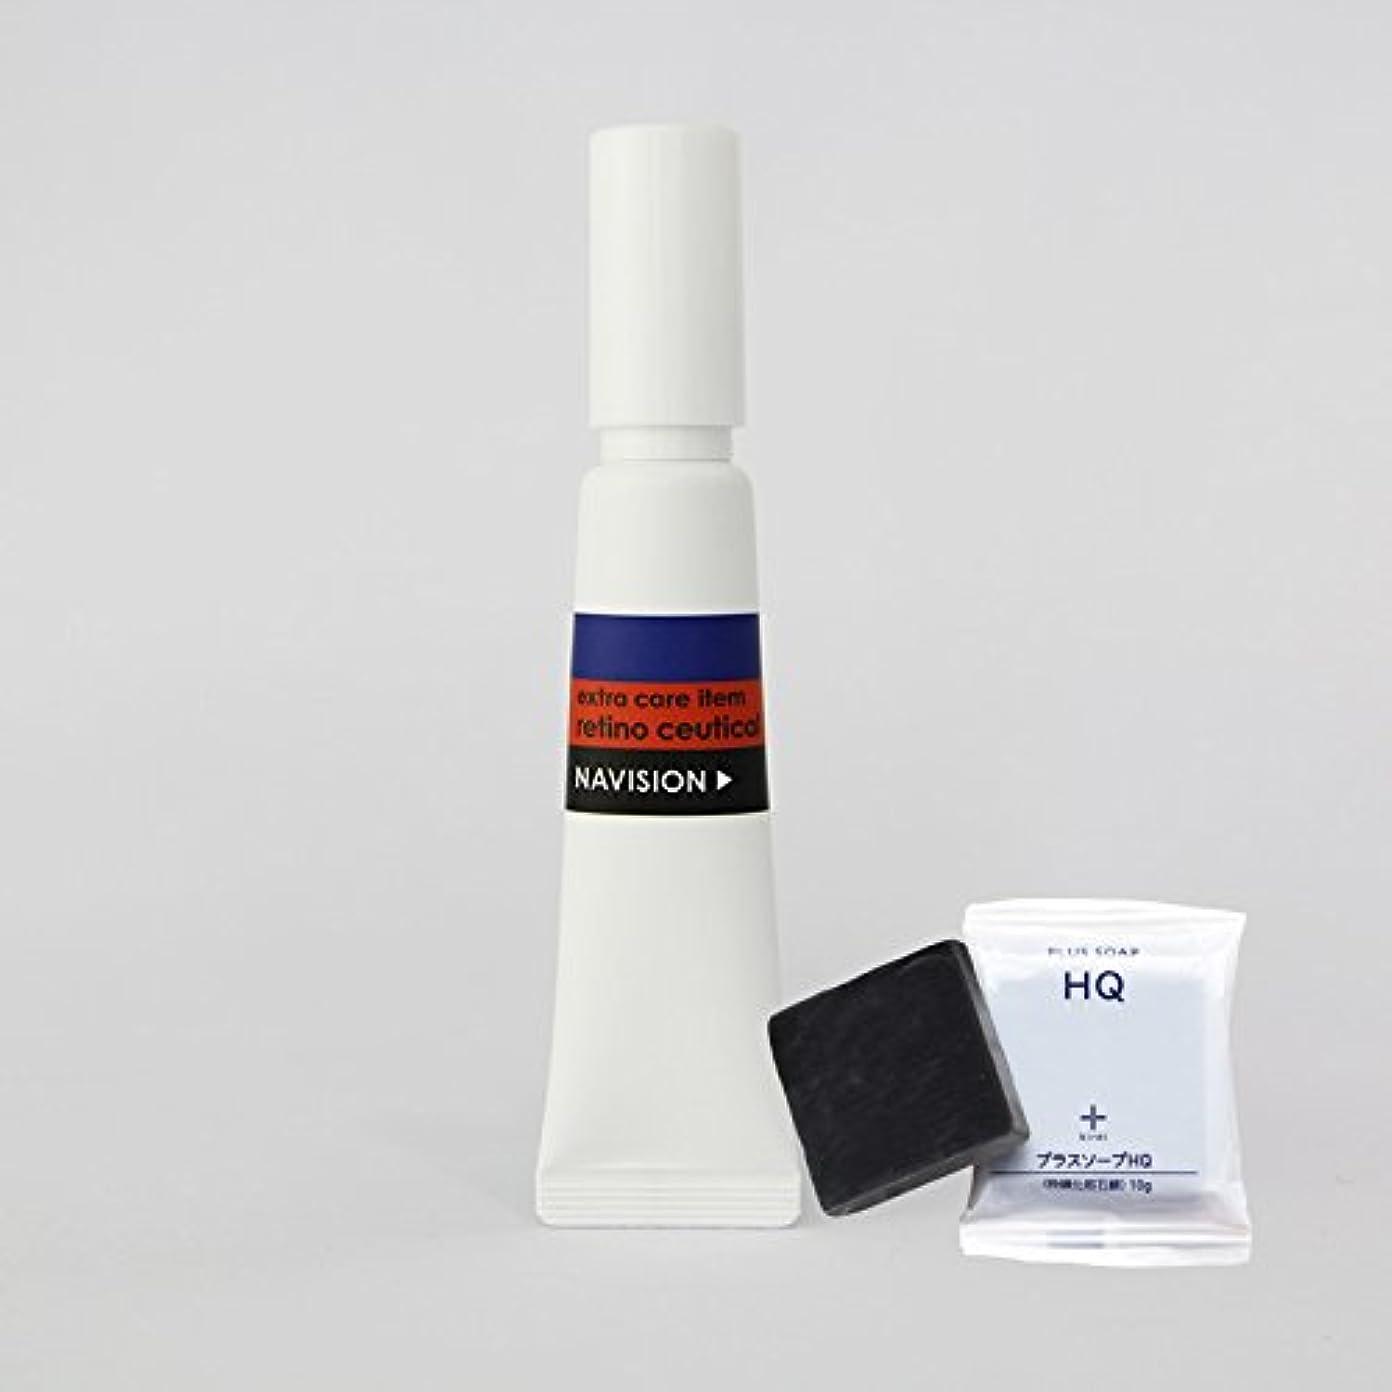 反対にシミュレートするフットボールナビジョン NAVISION レチノシューティカル 15g (医薬部外品) + プラスキレイ プラスソープHQミニ